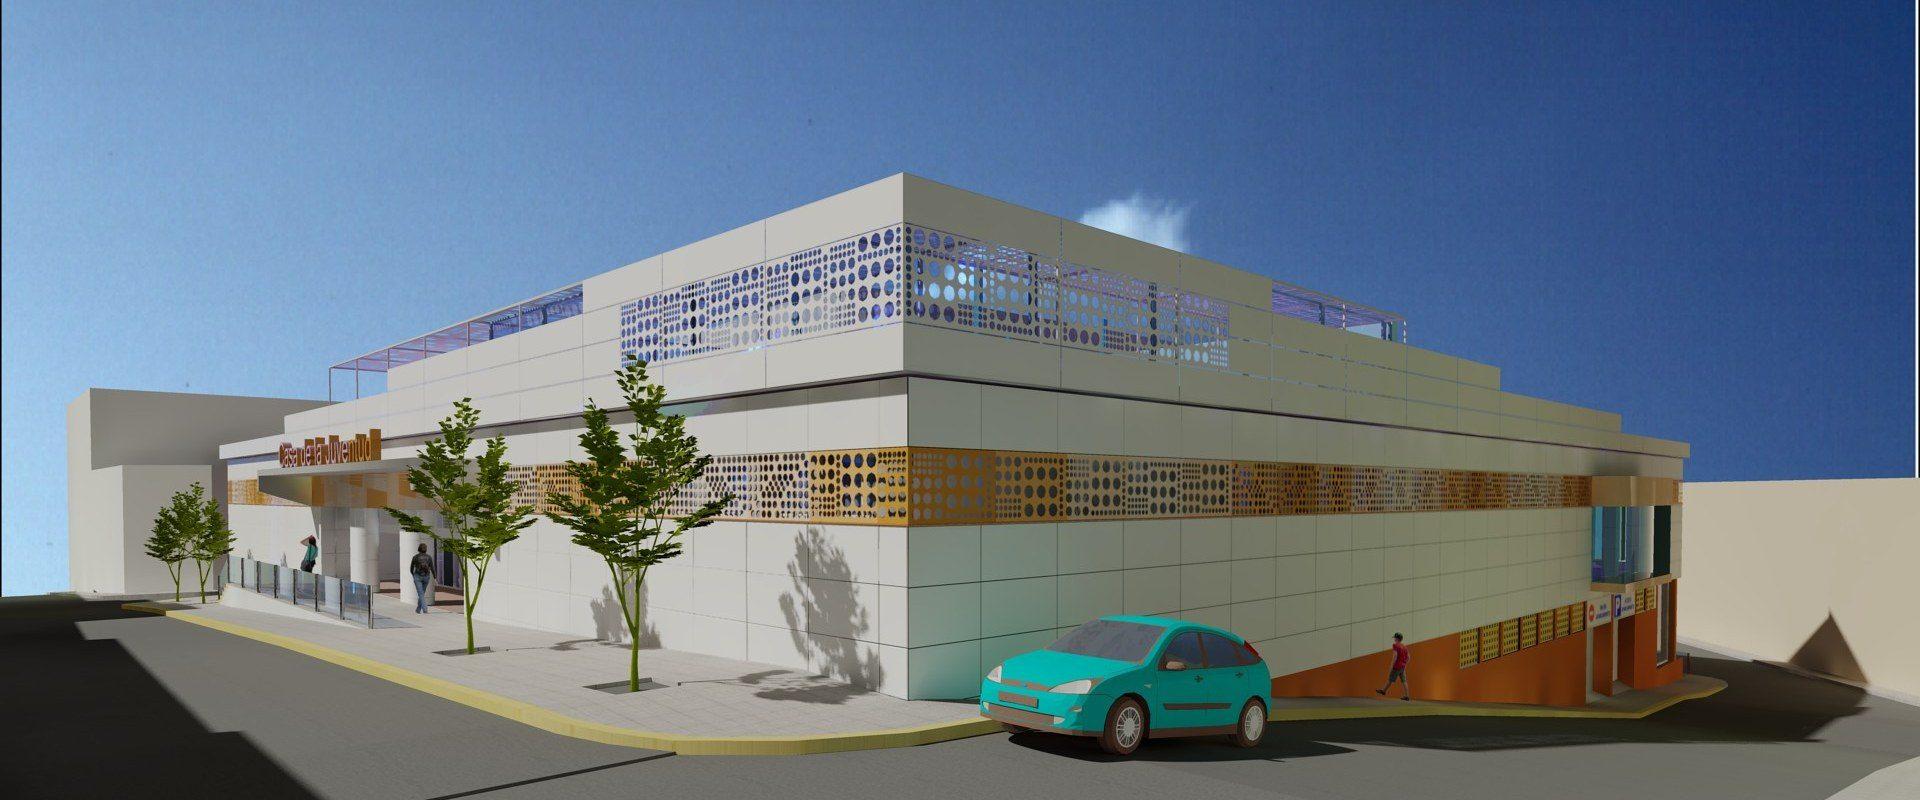 Ingtar_Estudio_de_Arquitectura_e_Ingeniaria